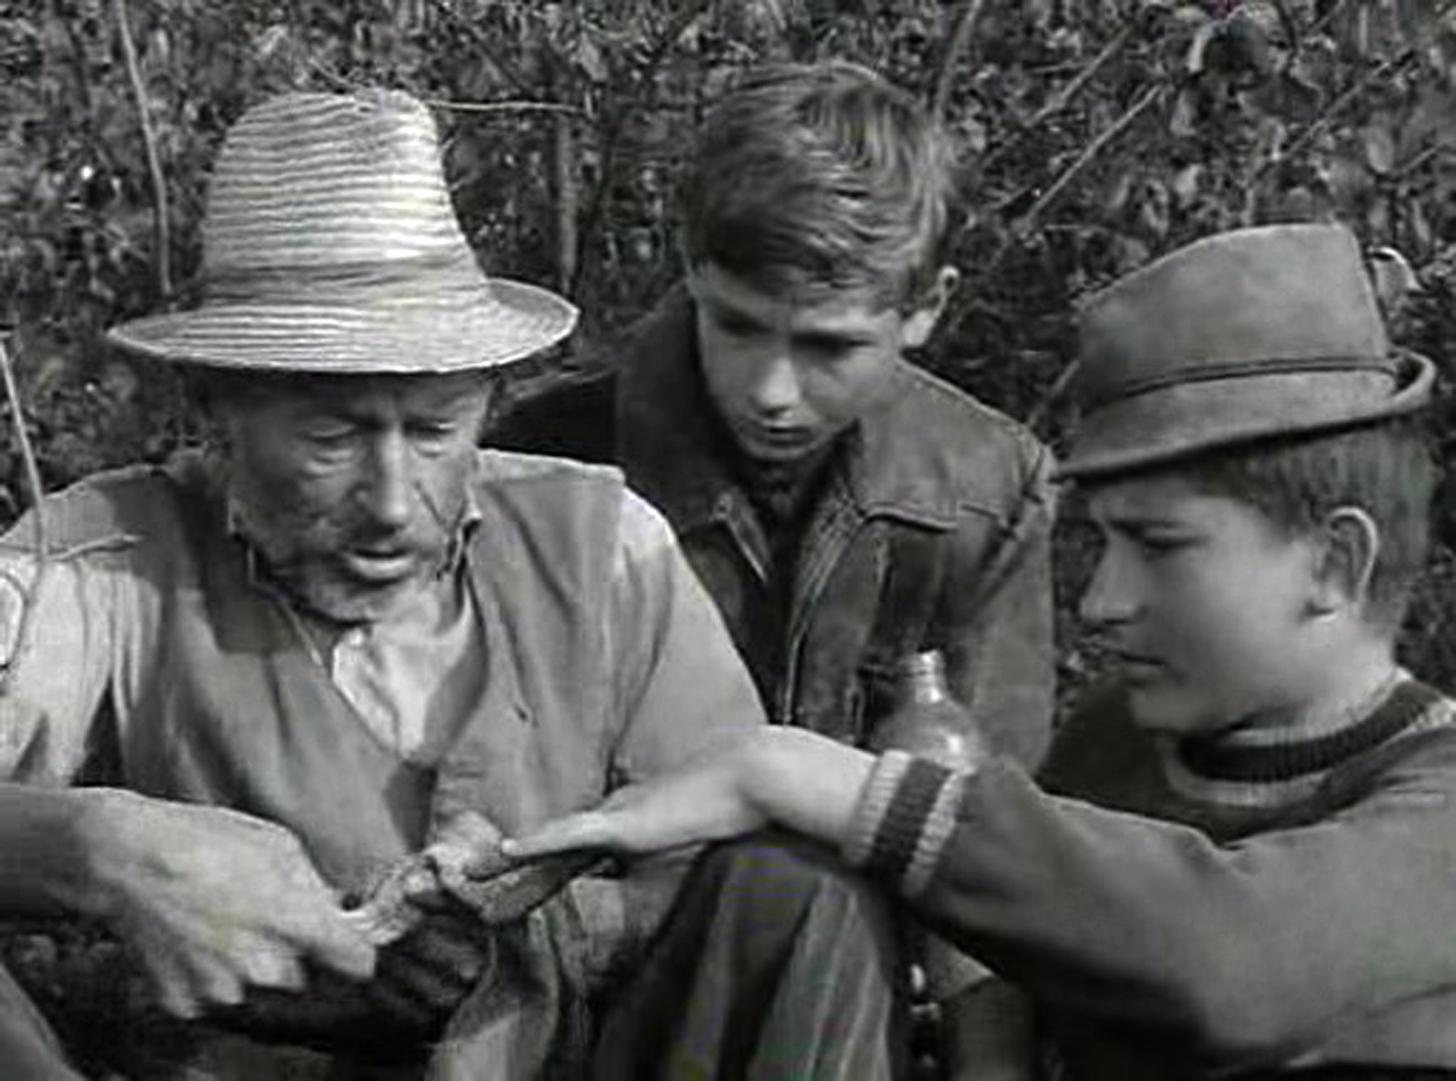 Bánhidi László (b) Matula bácsi, Seregi Zoltán (k) Ladó Gyula Lajos (Tutajos) és Barabás Tibor (j) Bütyök szerepében a Tüskevár című televíziós filmsorozat egyik jelenetében - az 1966-os felvétel készítésének pontos dátuma és helyszíne ismeretlen (Fotó: MTV)